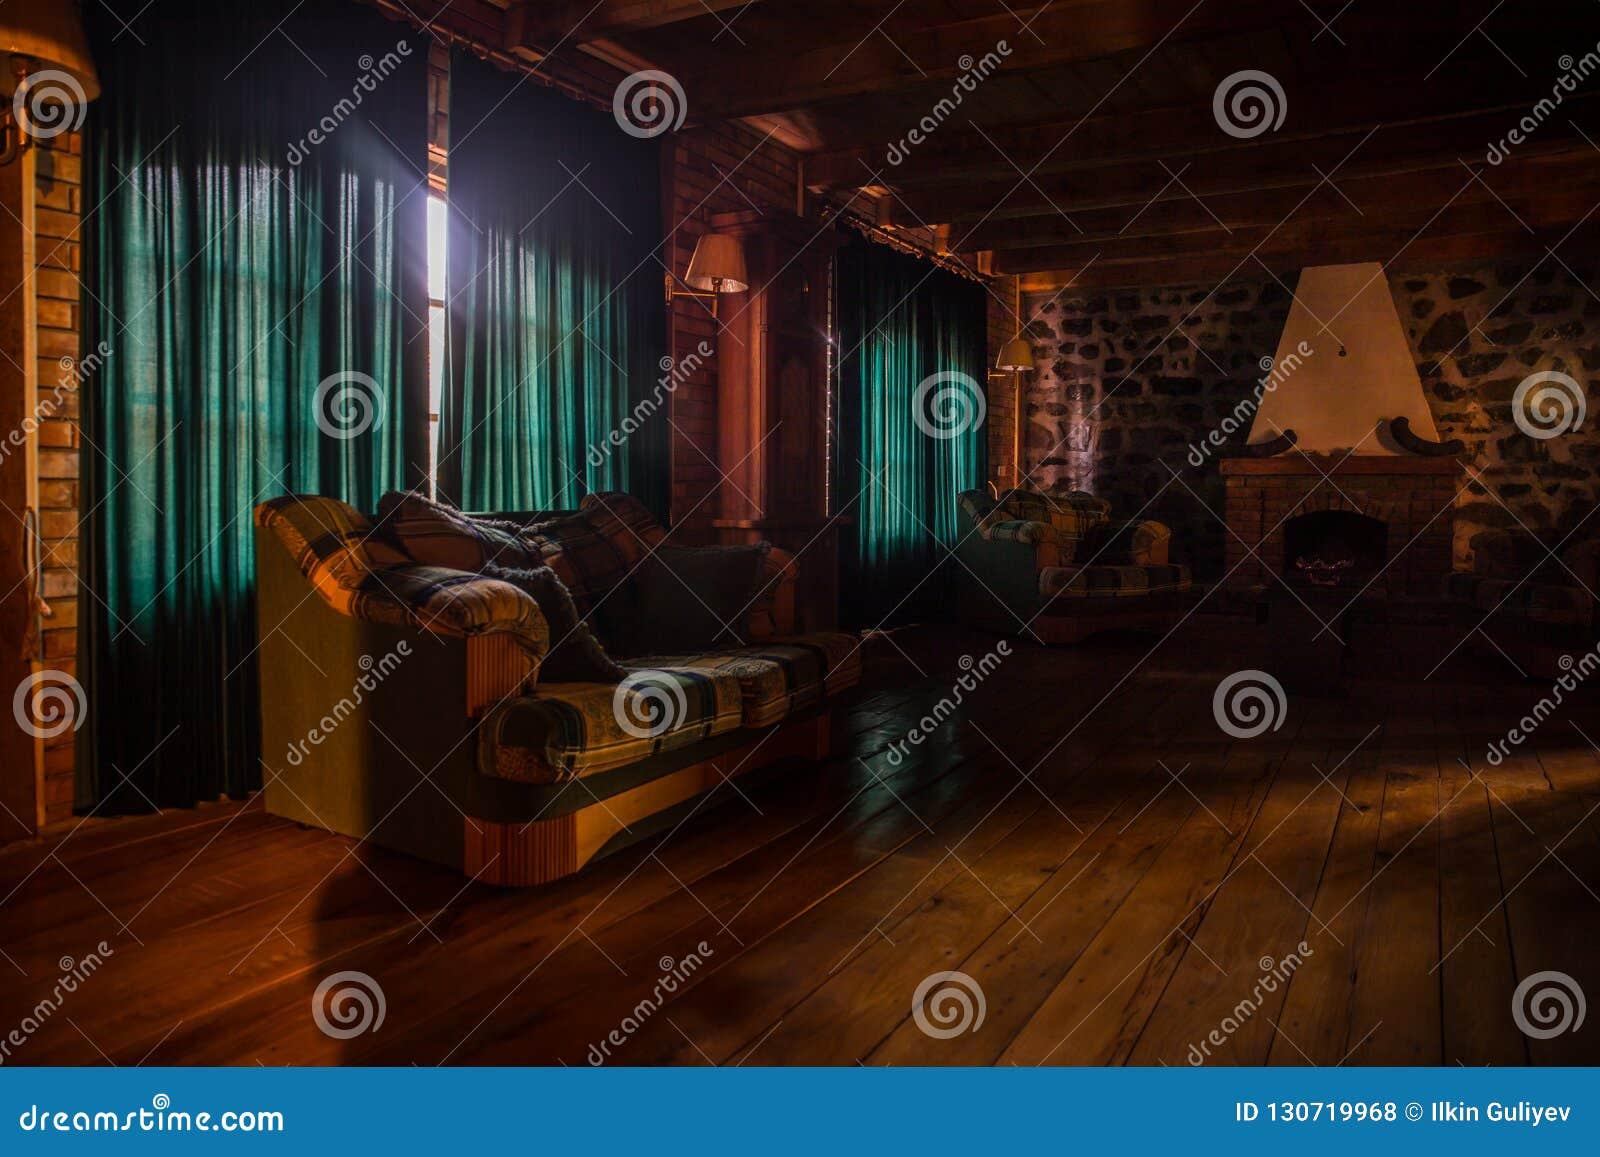 Contexte D Un Mur De Cheminee De Brique Dans Un Arrangement Vide Chambre Noire Avec De Grandes Fenetres Photo Stock Image Du Cheminee Chambre 130719968